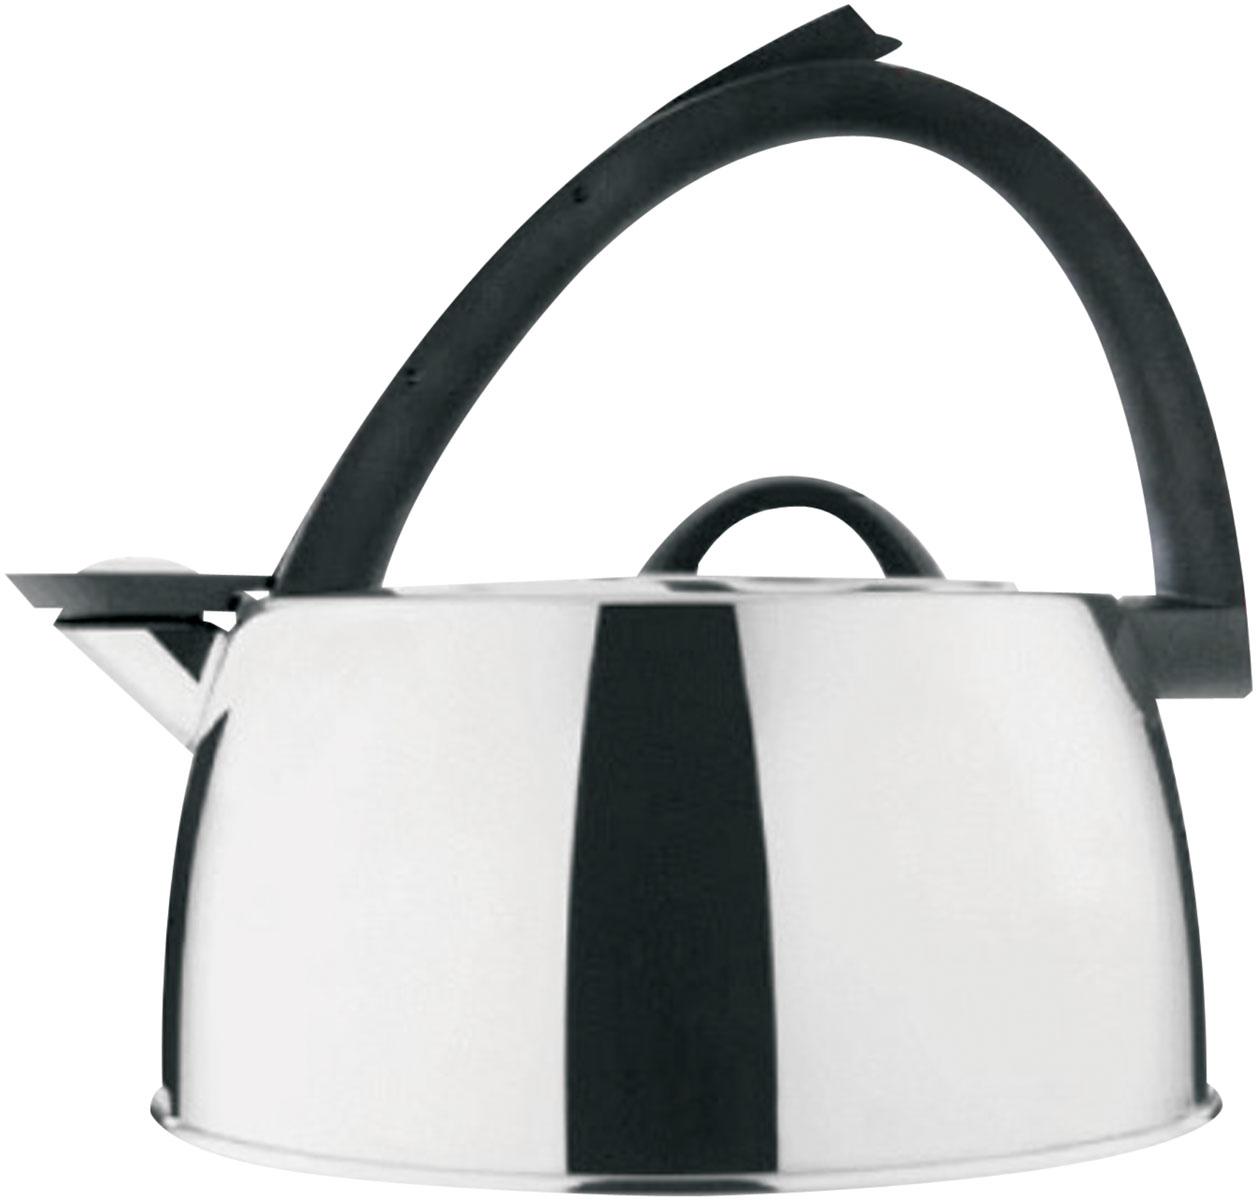 Чайник Bekker De Luxe со свистком, 3 л. BK-S419BK-S419Чайник Bekker De Luxe изготовлен из высококачественной нержавеющей стали 18/10 с зеркальной полировкой. Капсулированное дно распределяет тепло по всей поверхности, что позволяет чайнику быстро закипать. Эргономичная фиксированная рукоятка выполнена из бакелита черного цвета. Носик оснащен откидным свистком, который подскажет, когда вода закипела. Свисток открывается и закрывается рычагом на рукоятке. Оригинальный дизайн эффектно оформит интерьер кухни. Подходит для всех типов плит, кроме индукционных. Можно мыть в посудомоечной машине.